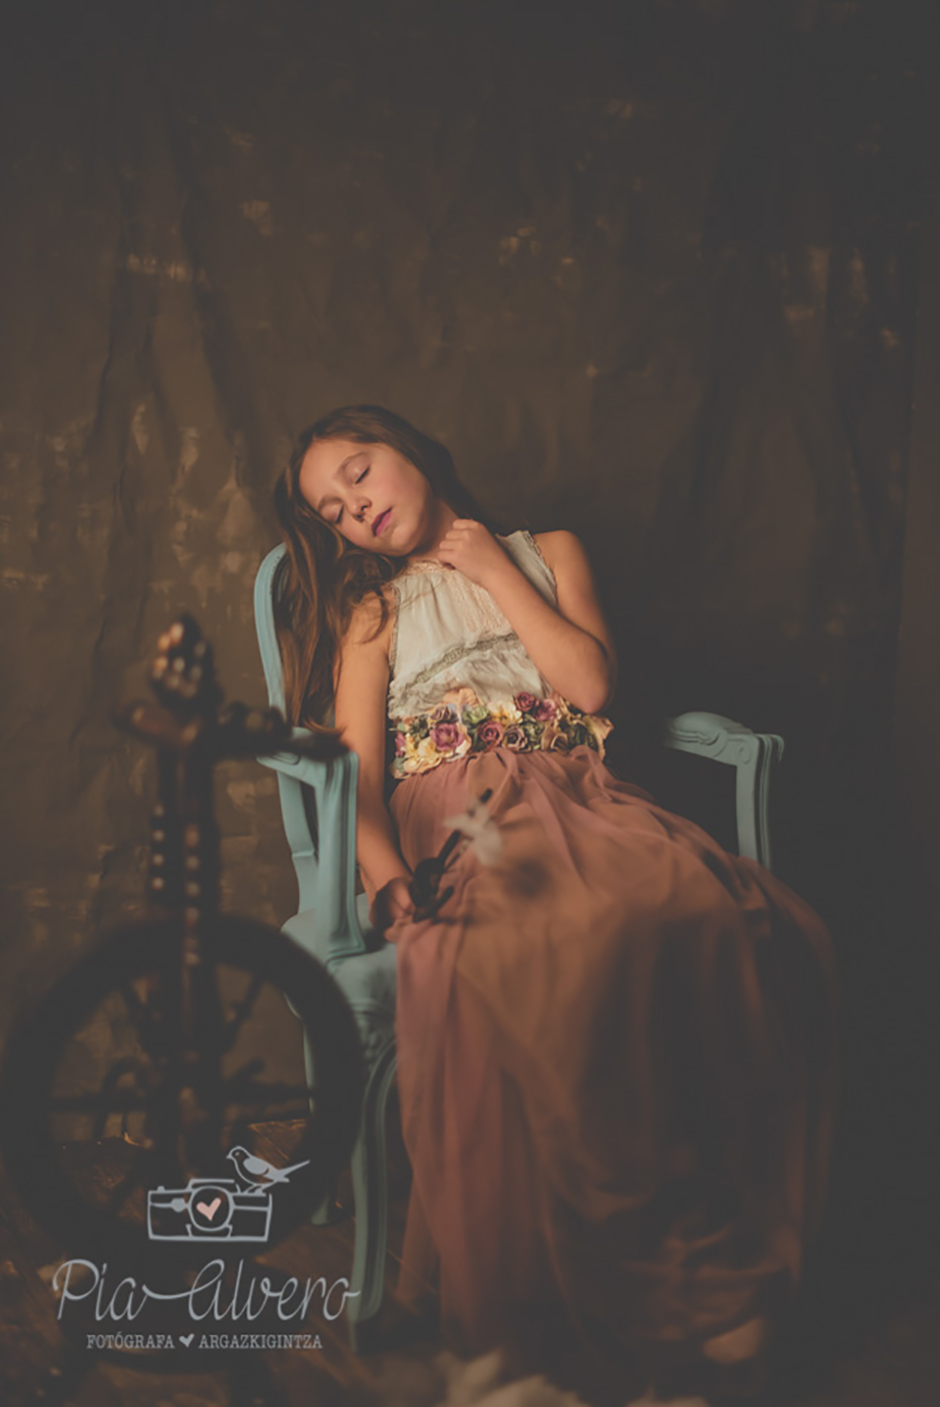 Pia Alvero fotografia de comunion magica para soñadores-466